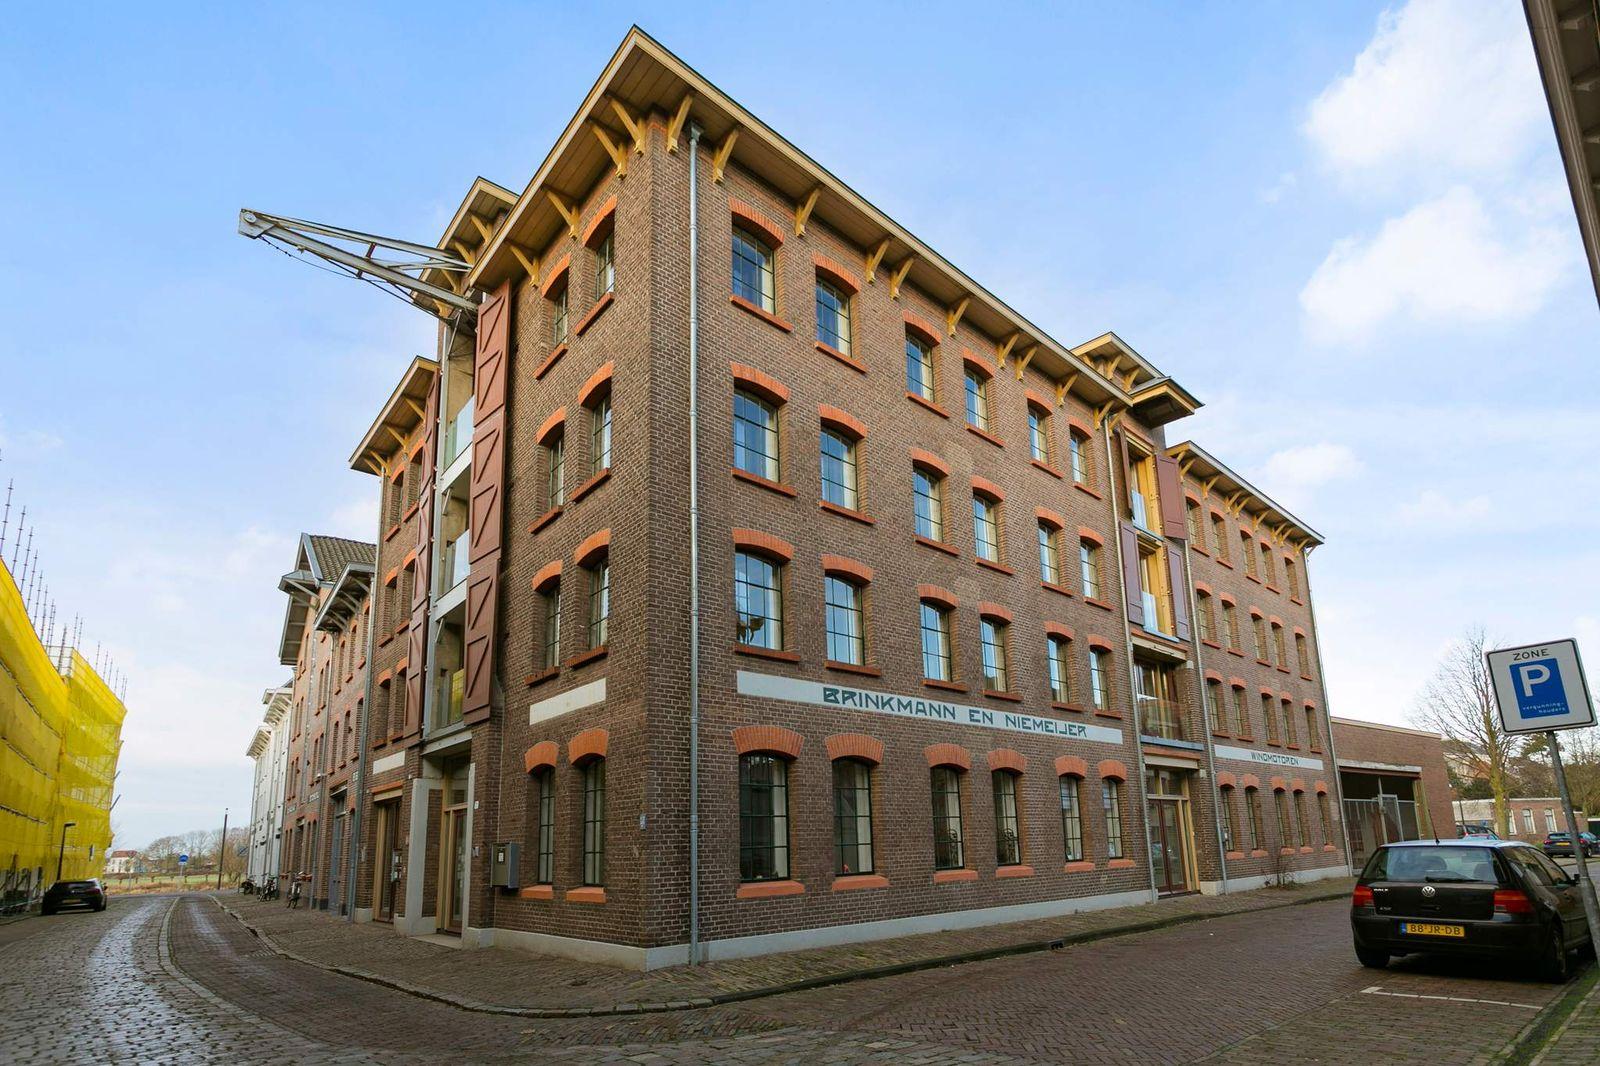 Kuiperstraat 70-D, Zutphen